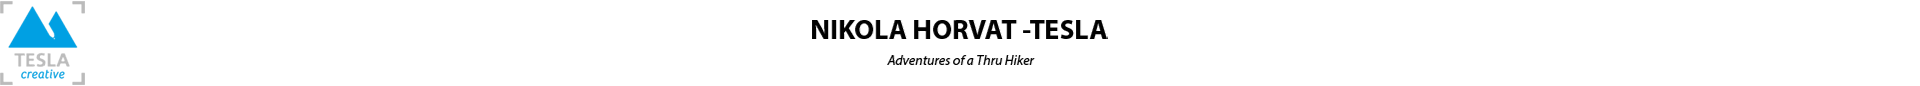 nikola-horvat-logo-new-4